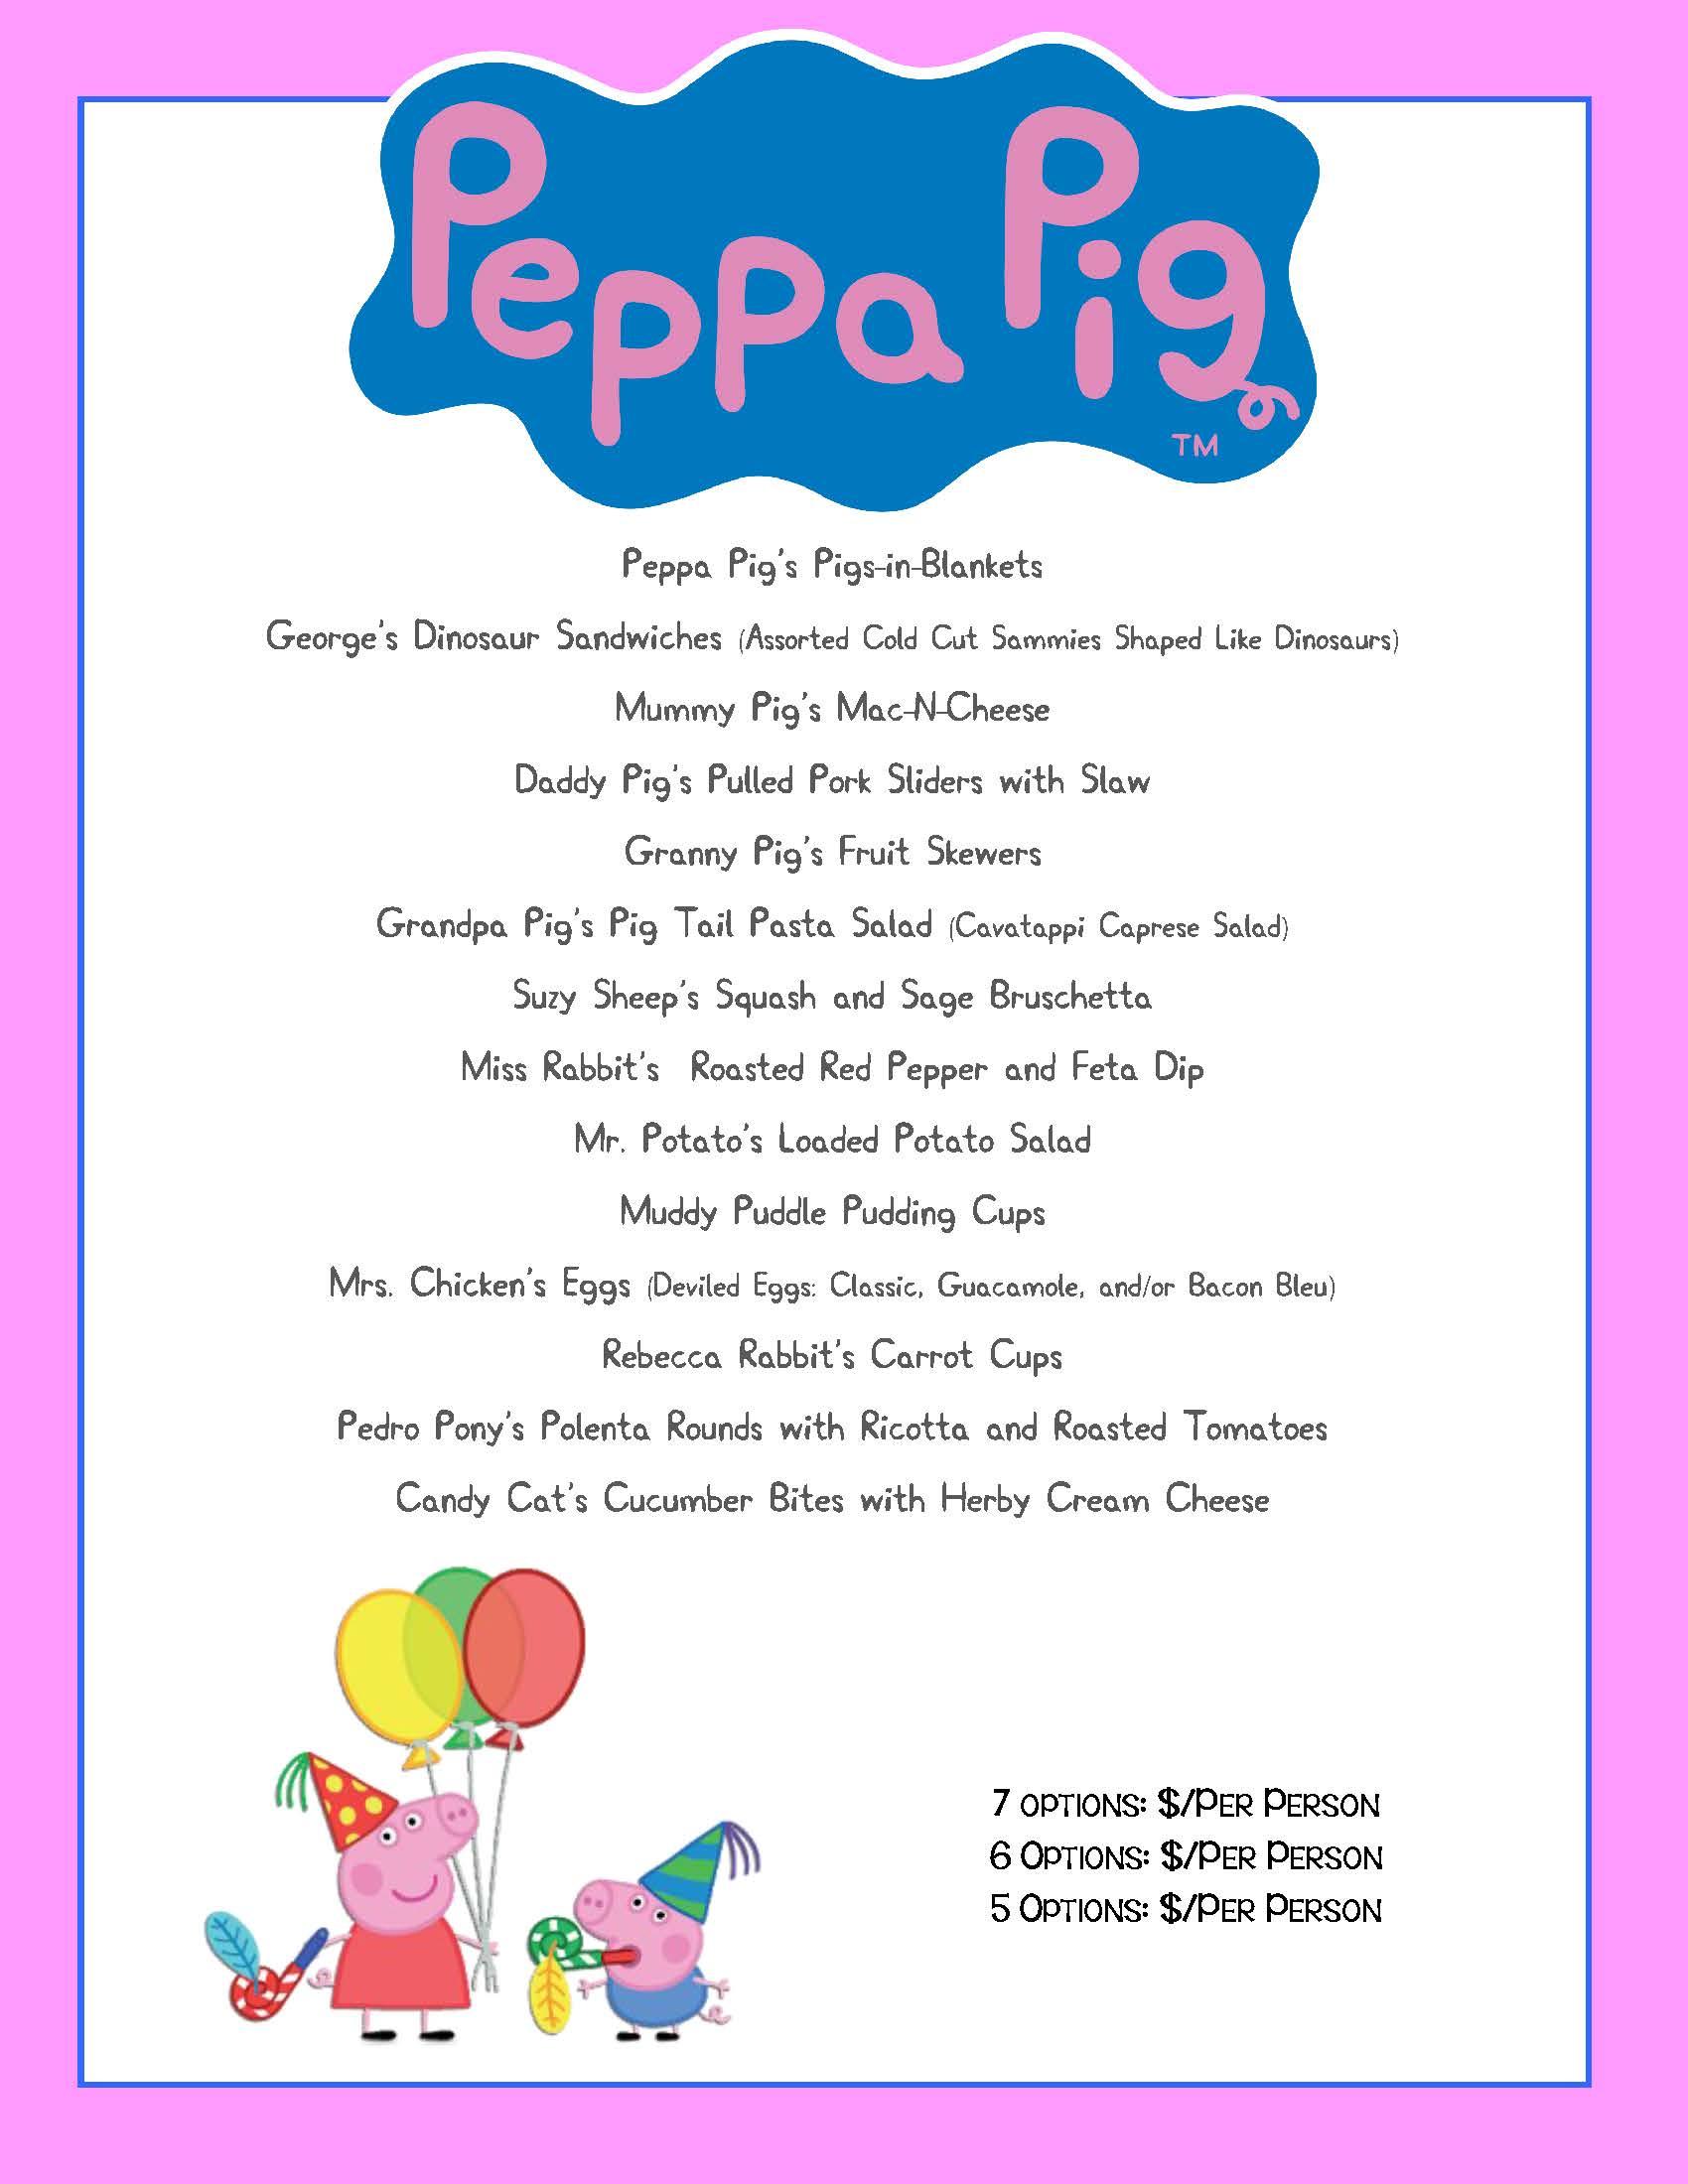 Peppa Pig .jpg